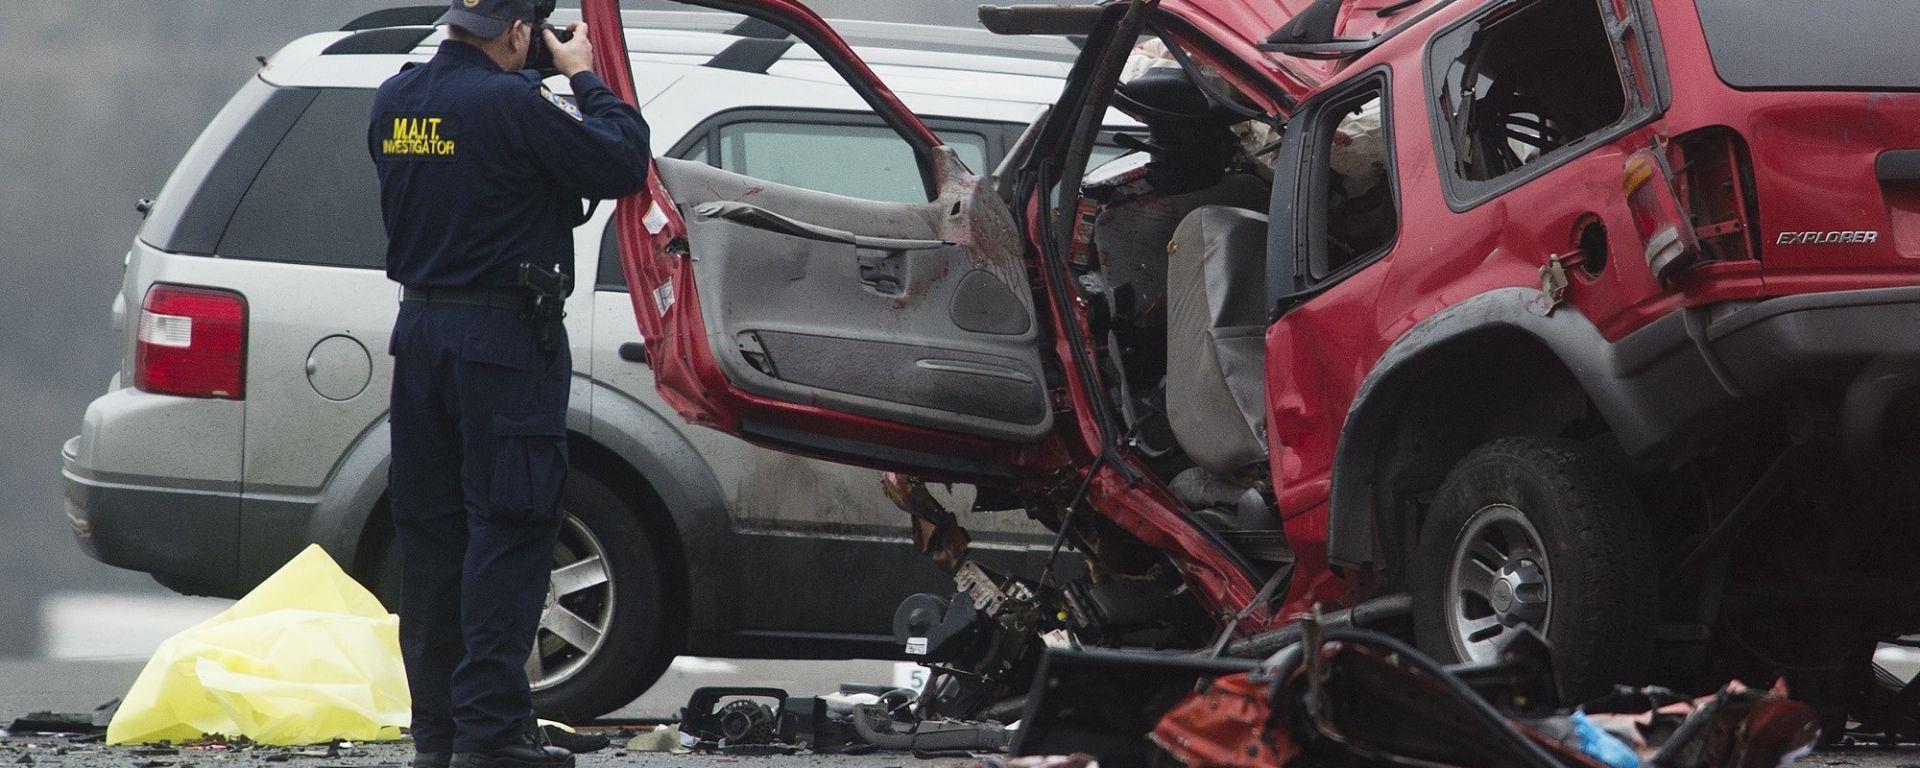 Incidenti mortali, troppo sangue scorre sulle strade europee